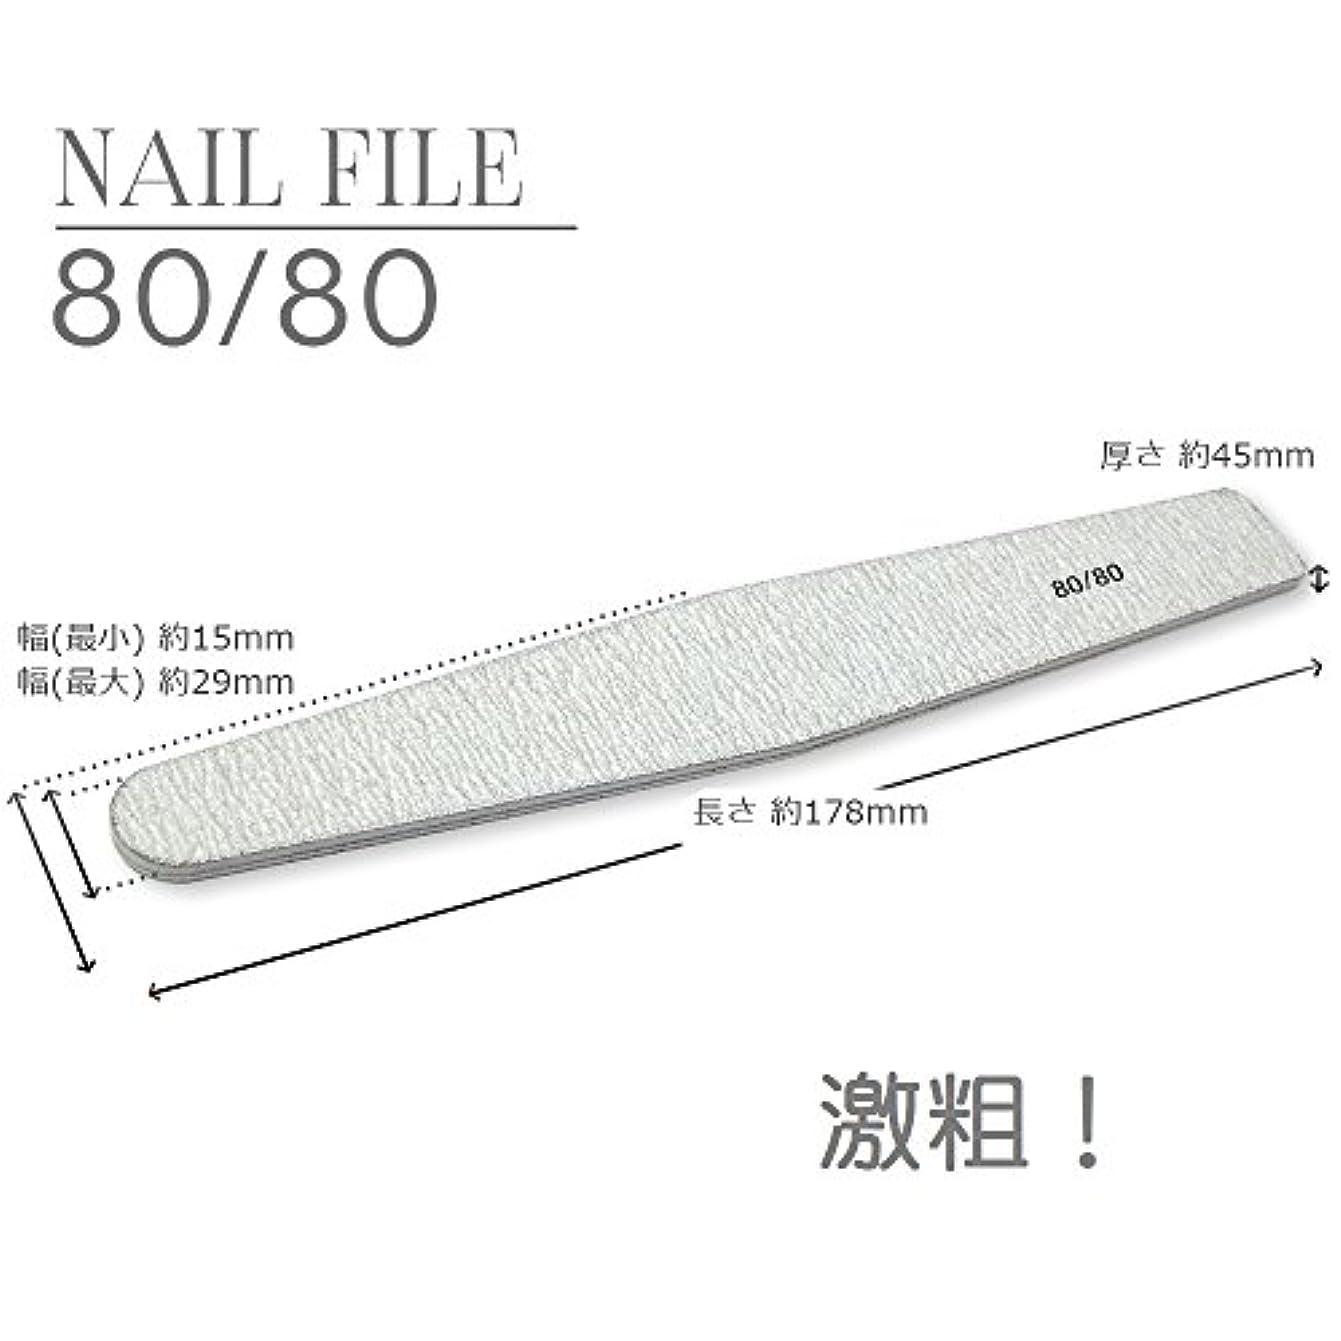 適応的男らしさ舗装するネイルファイル【80/80】激粗 1本 ★ガリガリ削れます!